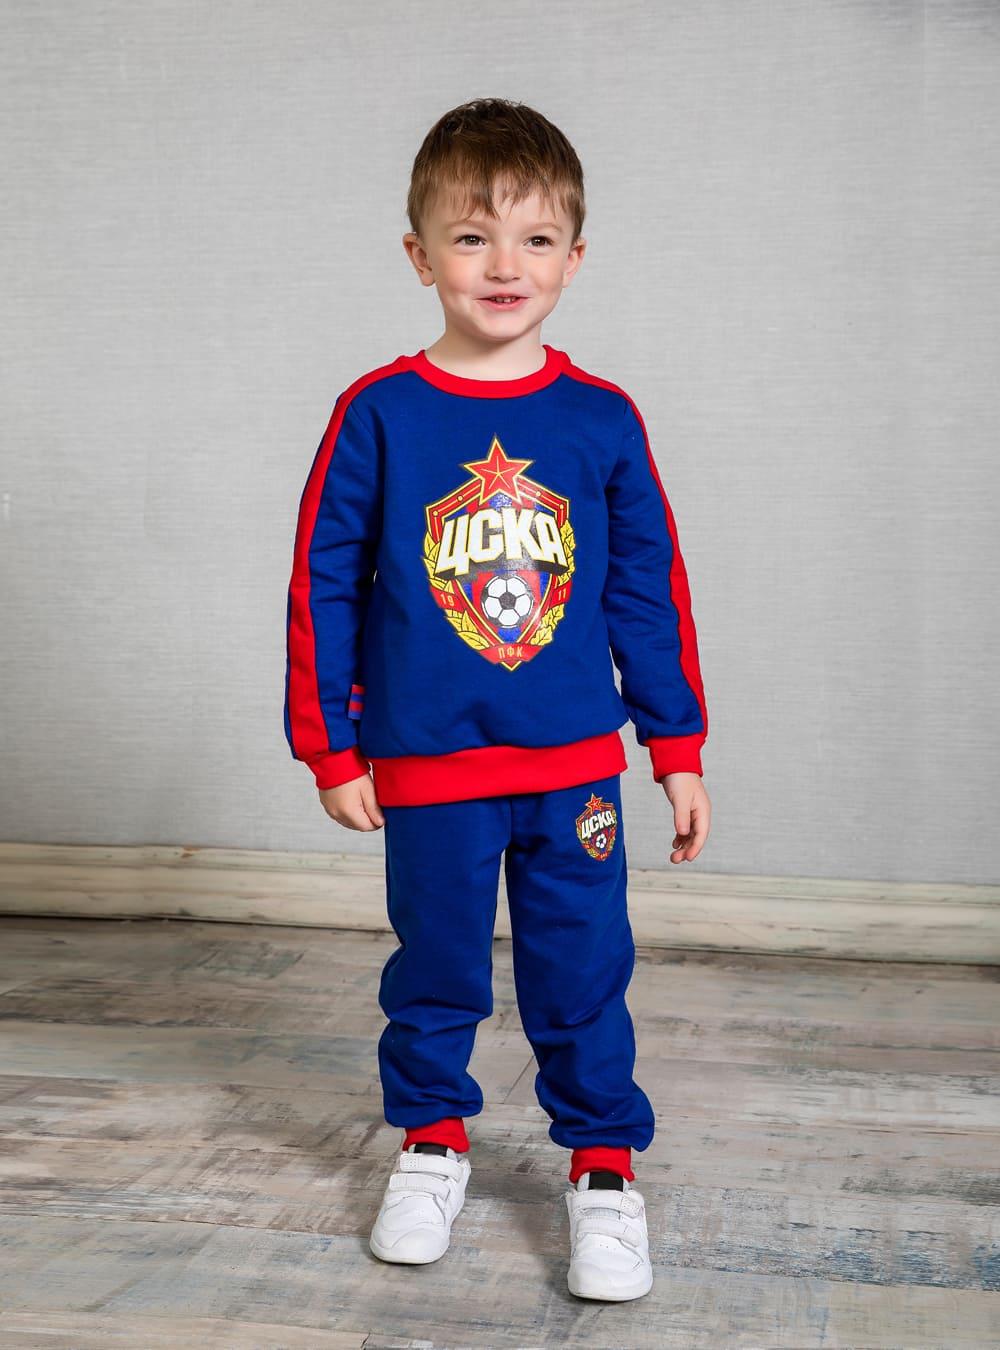 Свитшот детский ЭМБЛЕМА, цвет синий (122) фото